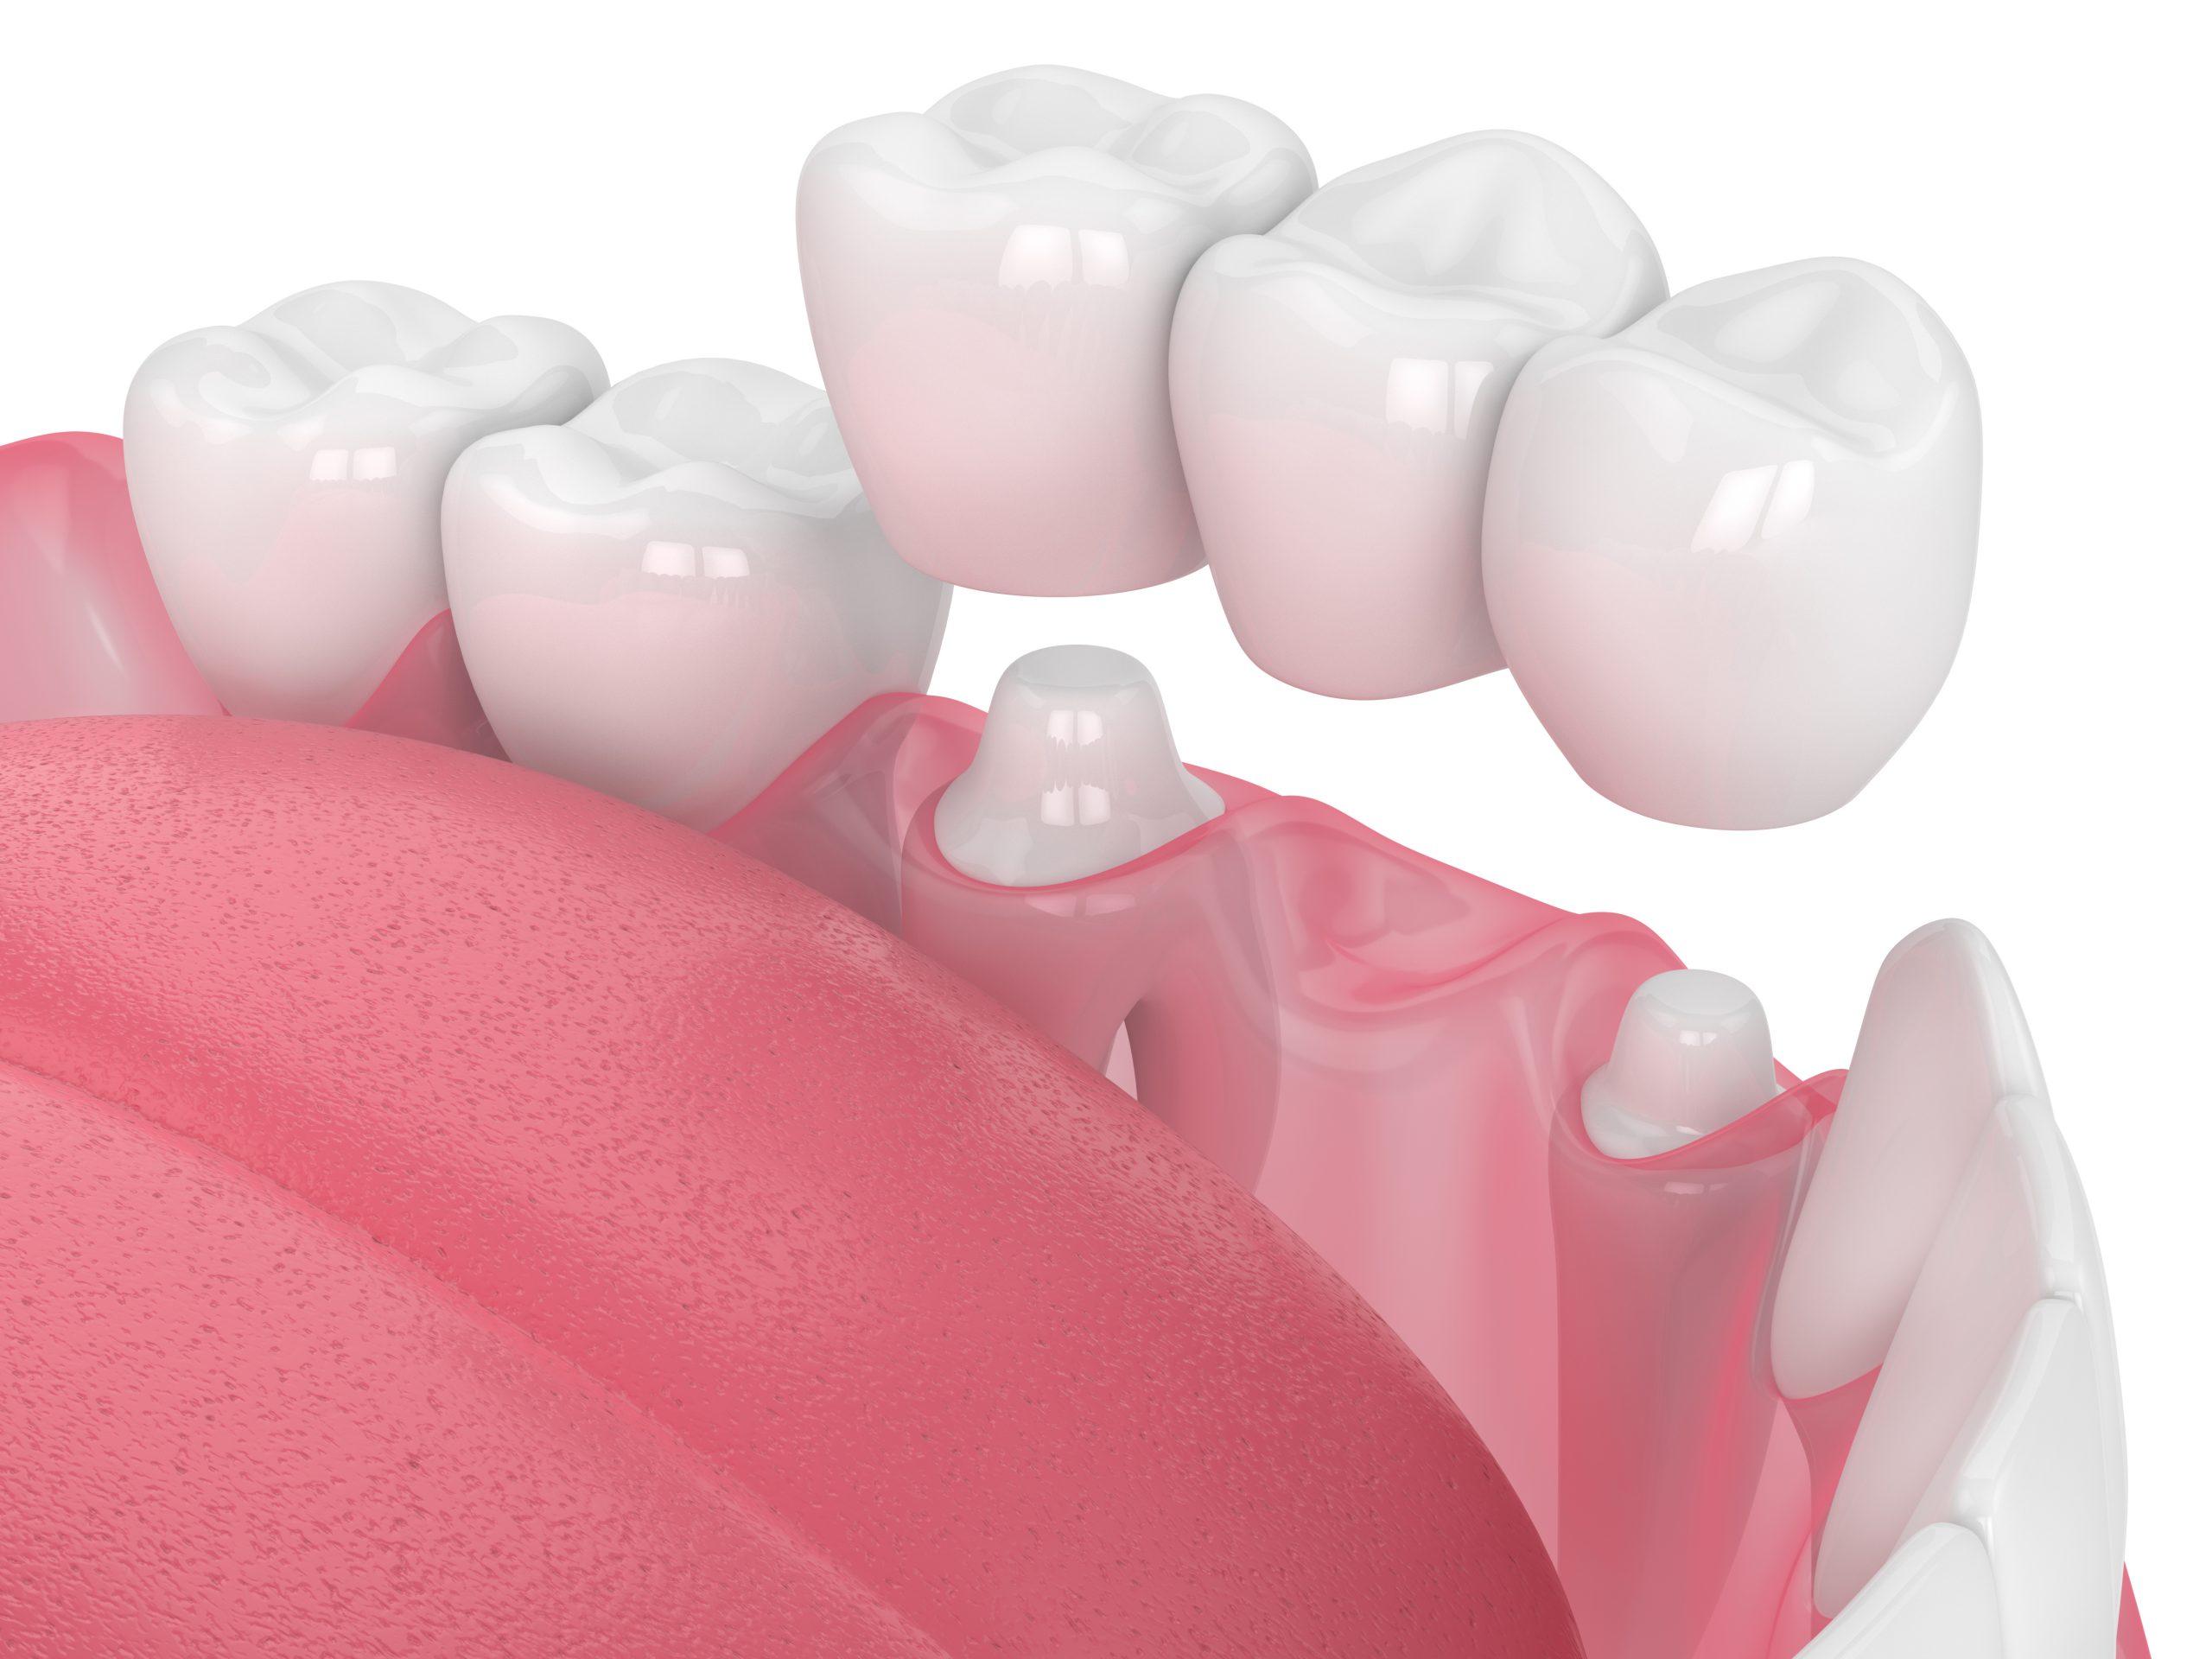 Protese dentaria computadorizada